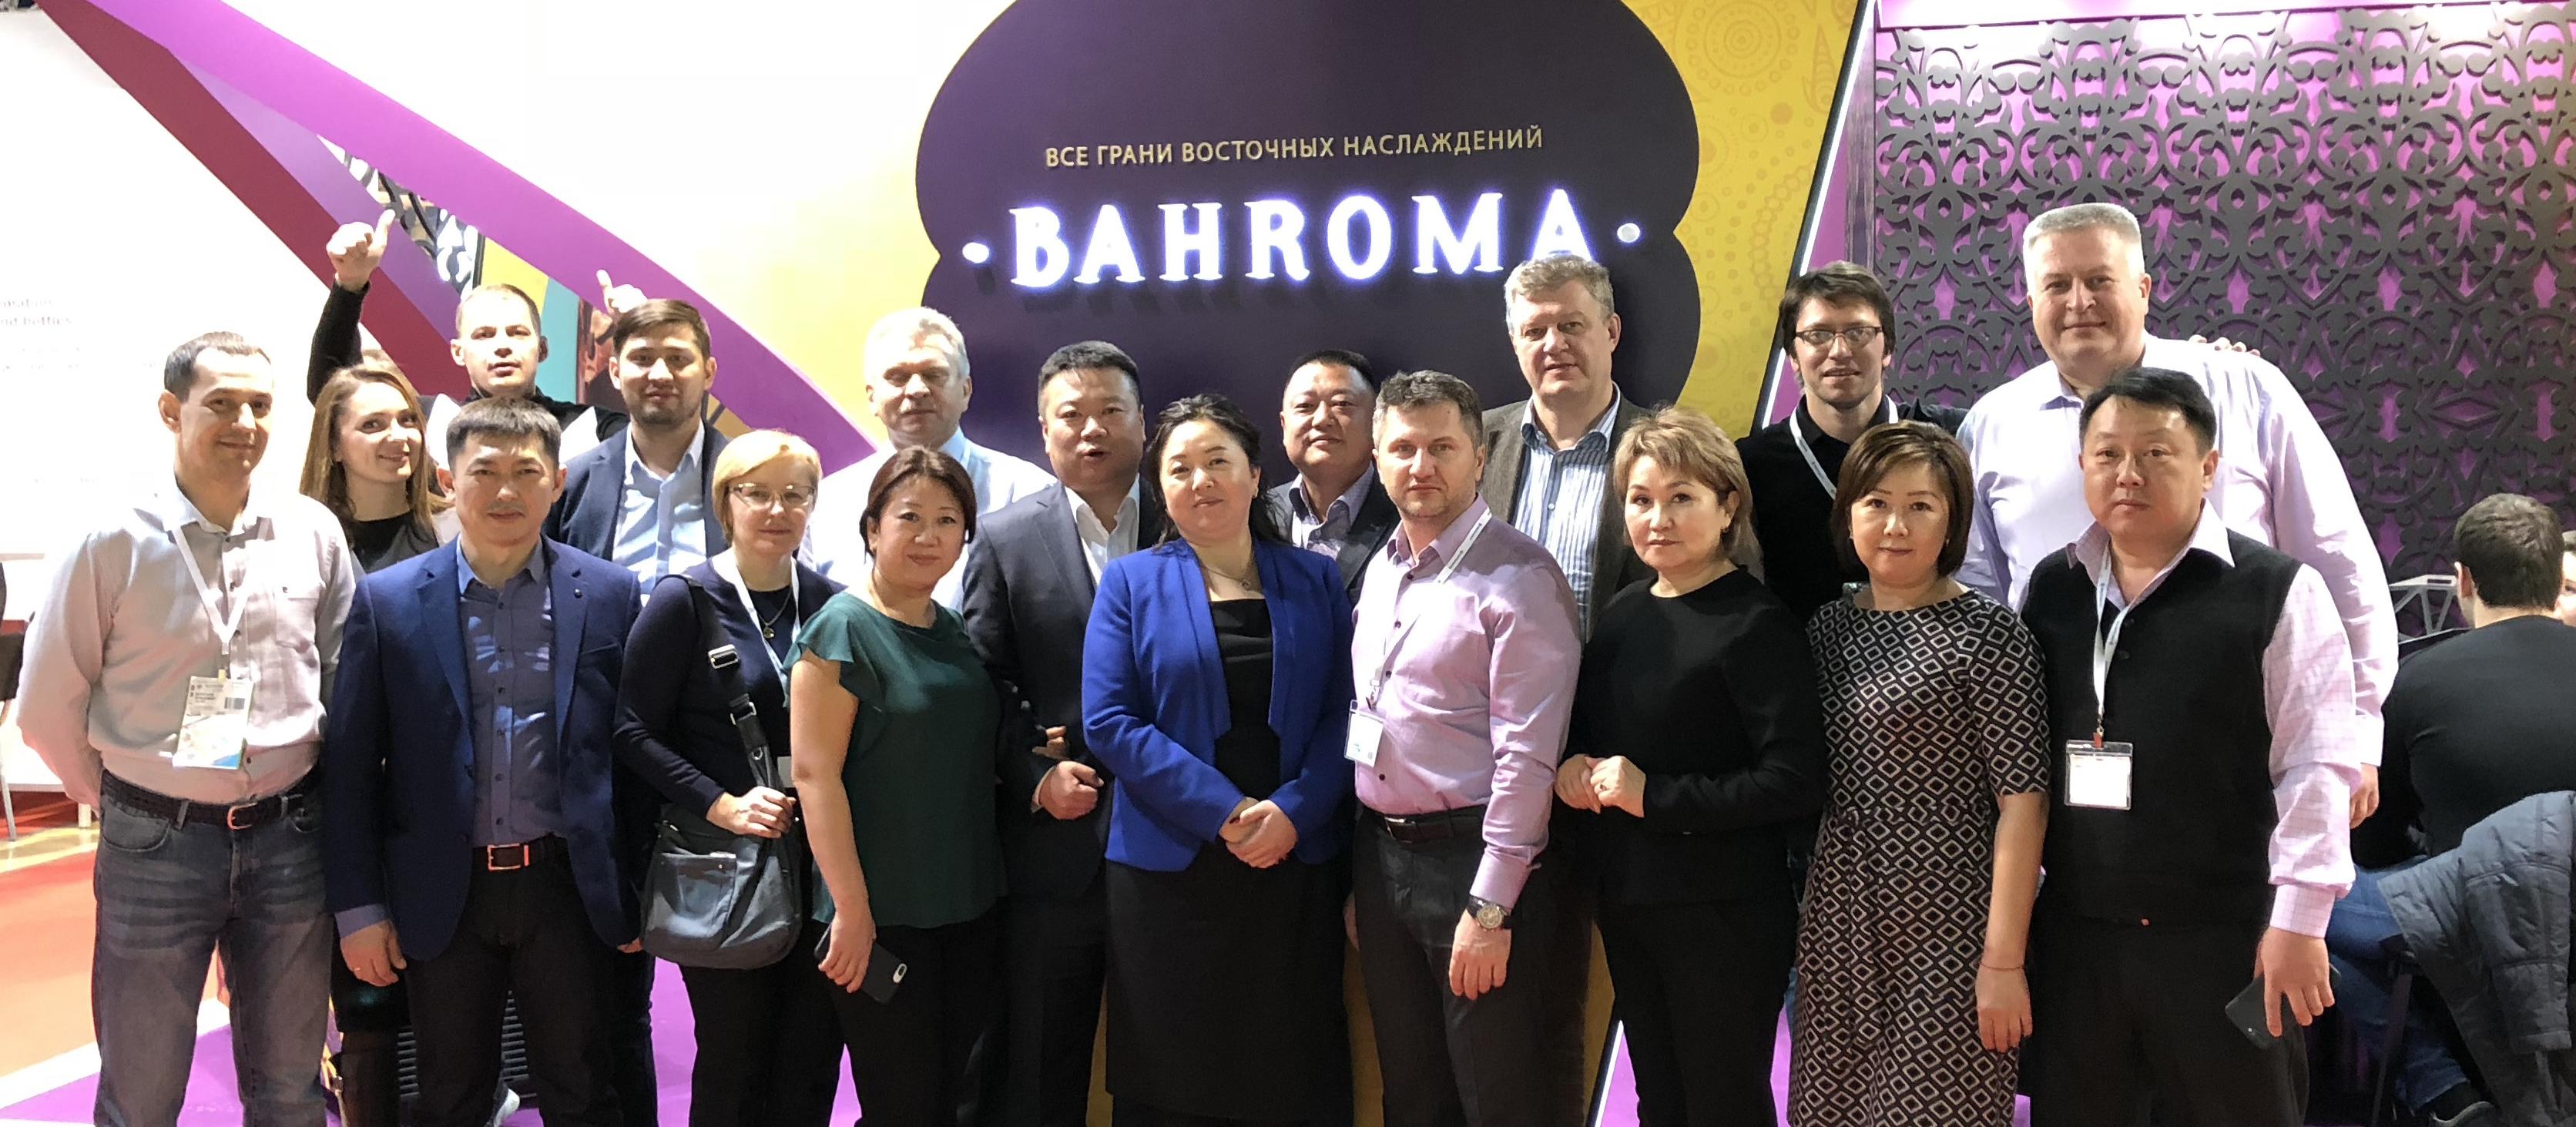 Мороженое с восточным характером «Бахрома»  покоряет российскую столицу